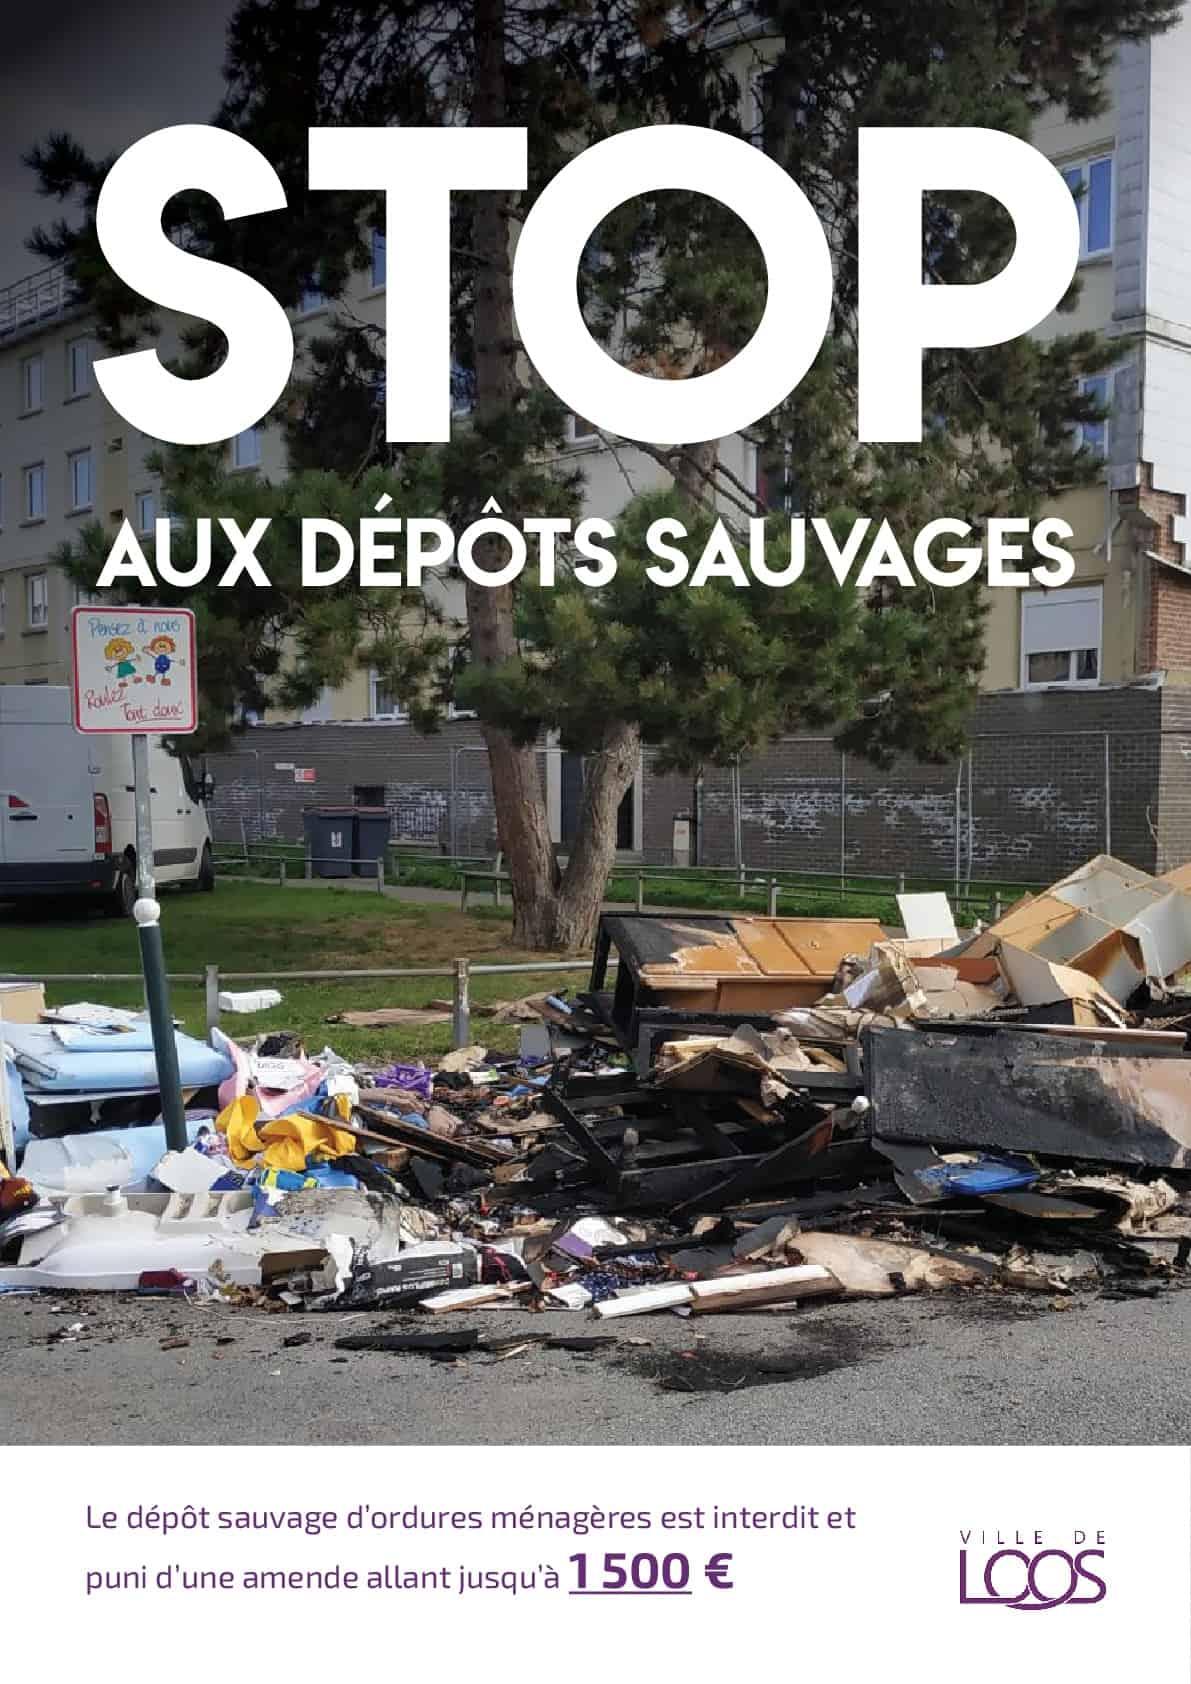 campagne contre le dépot sauvage d'ordures